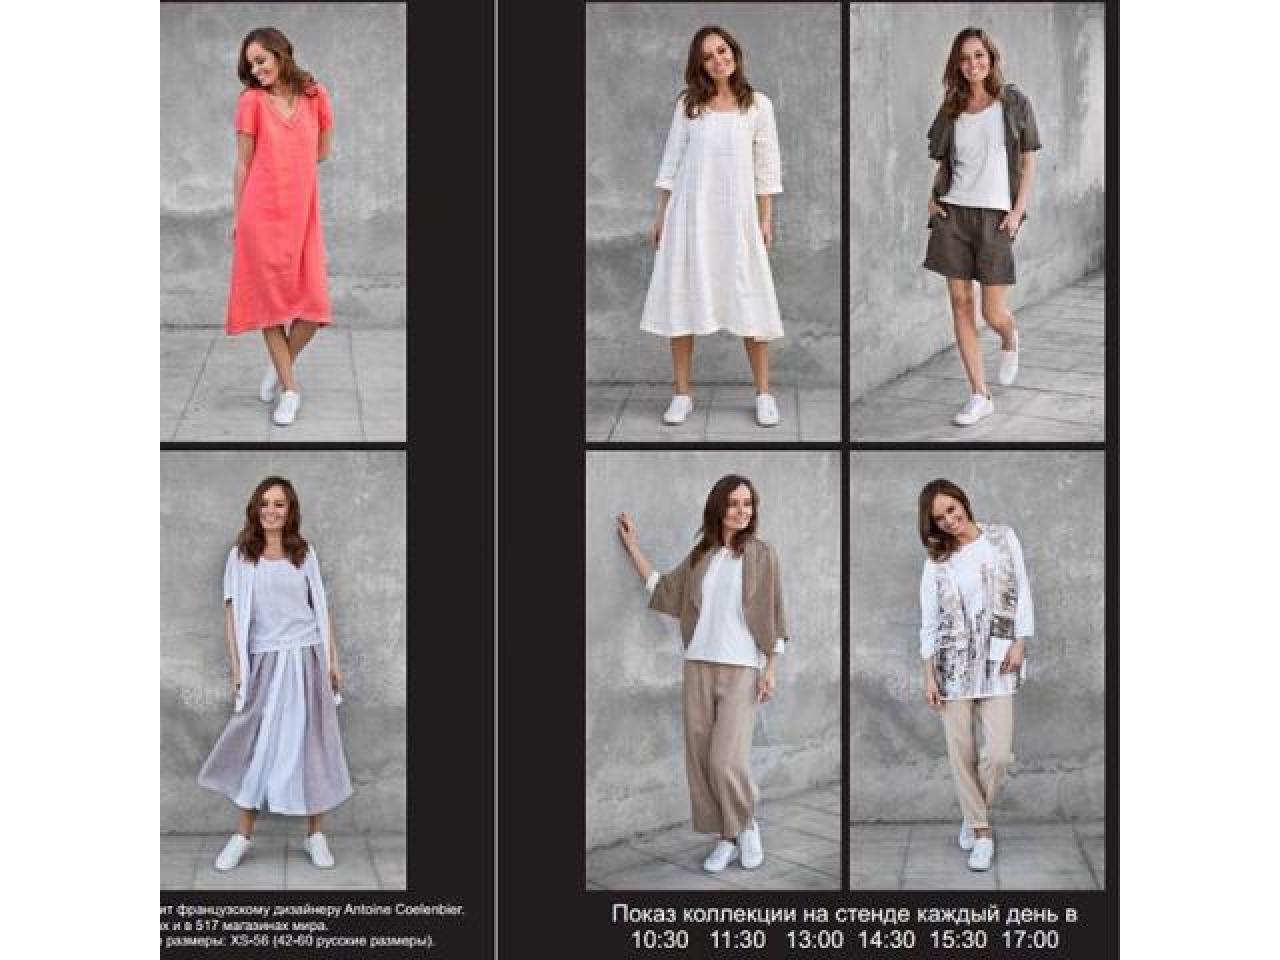 Для бутиков/магазинов оптом и в розницу женская одежда из Франции - 8